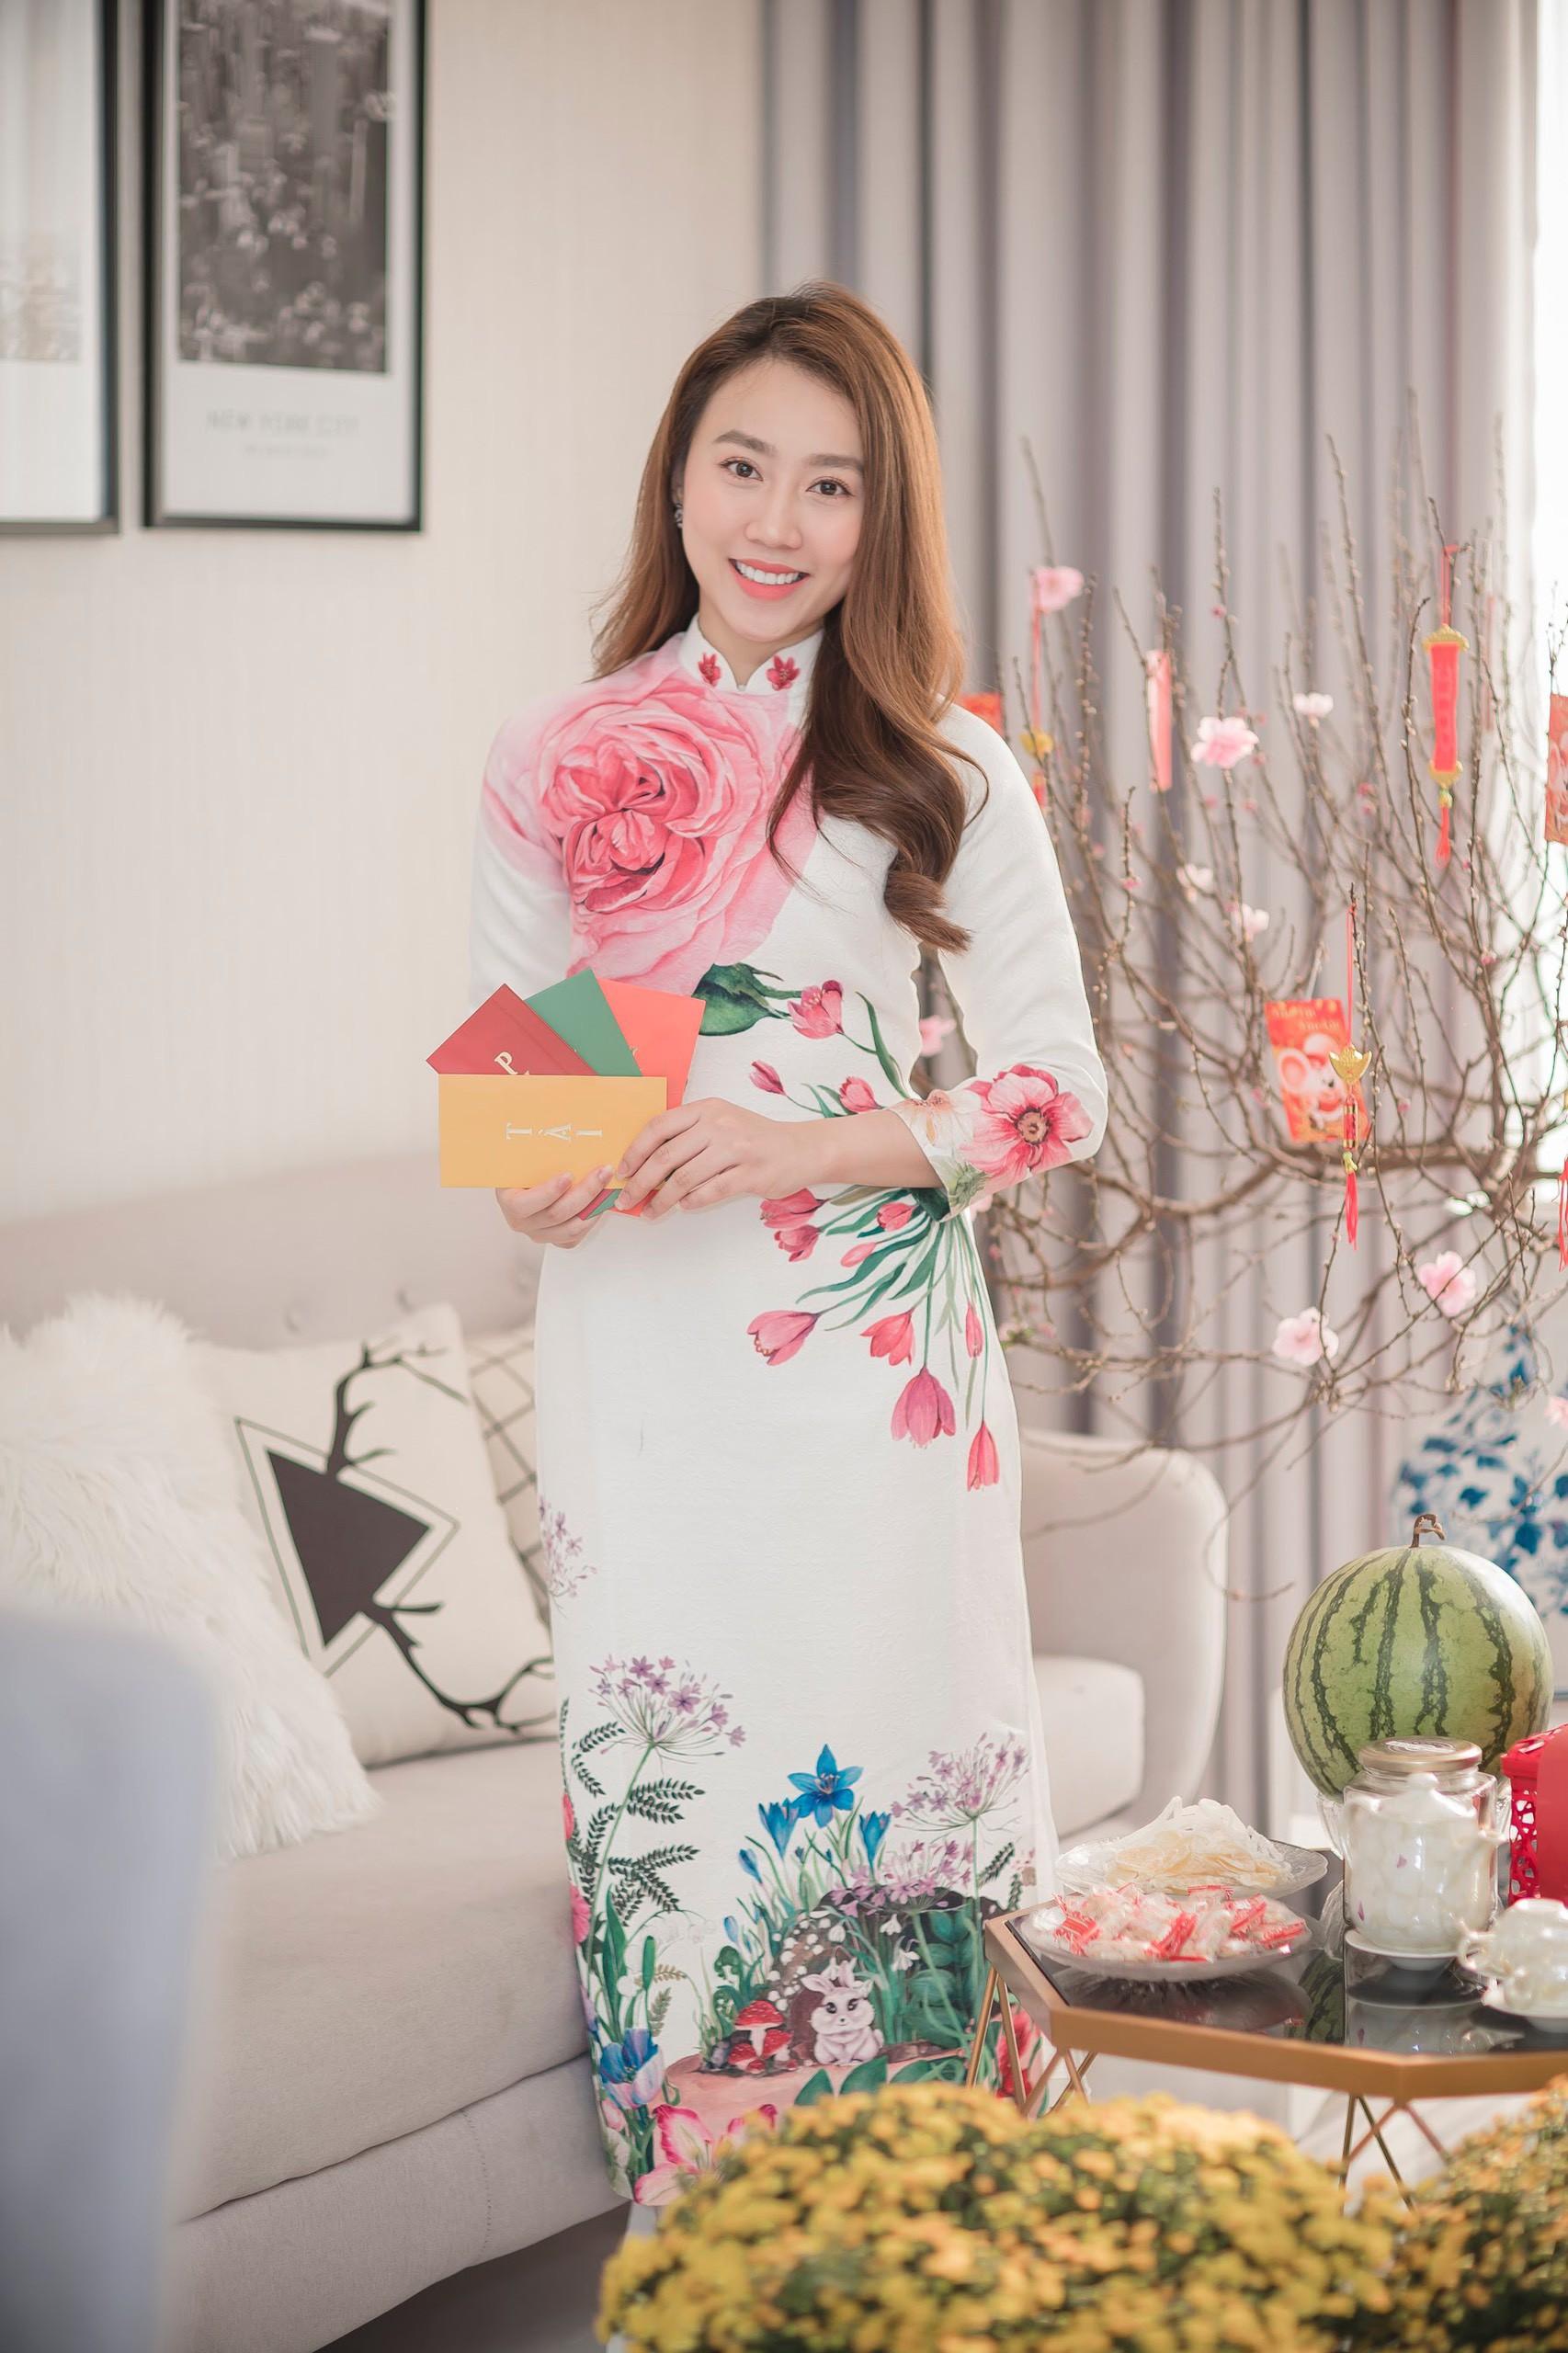 He lo can ho cao cap cua dien vien Hong Loan hen ho cau thu Tien Linh-Hinh-3